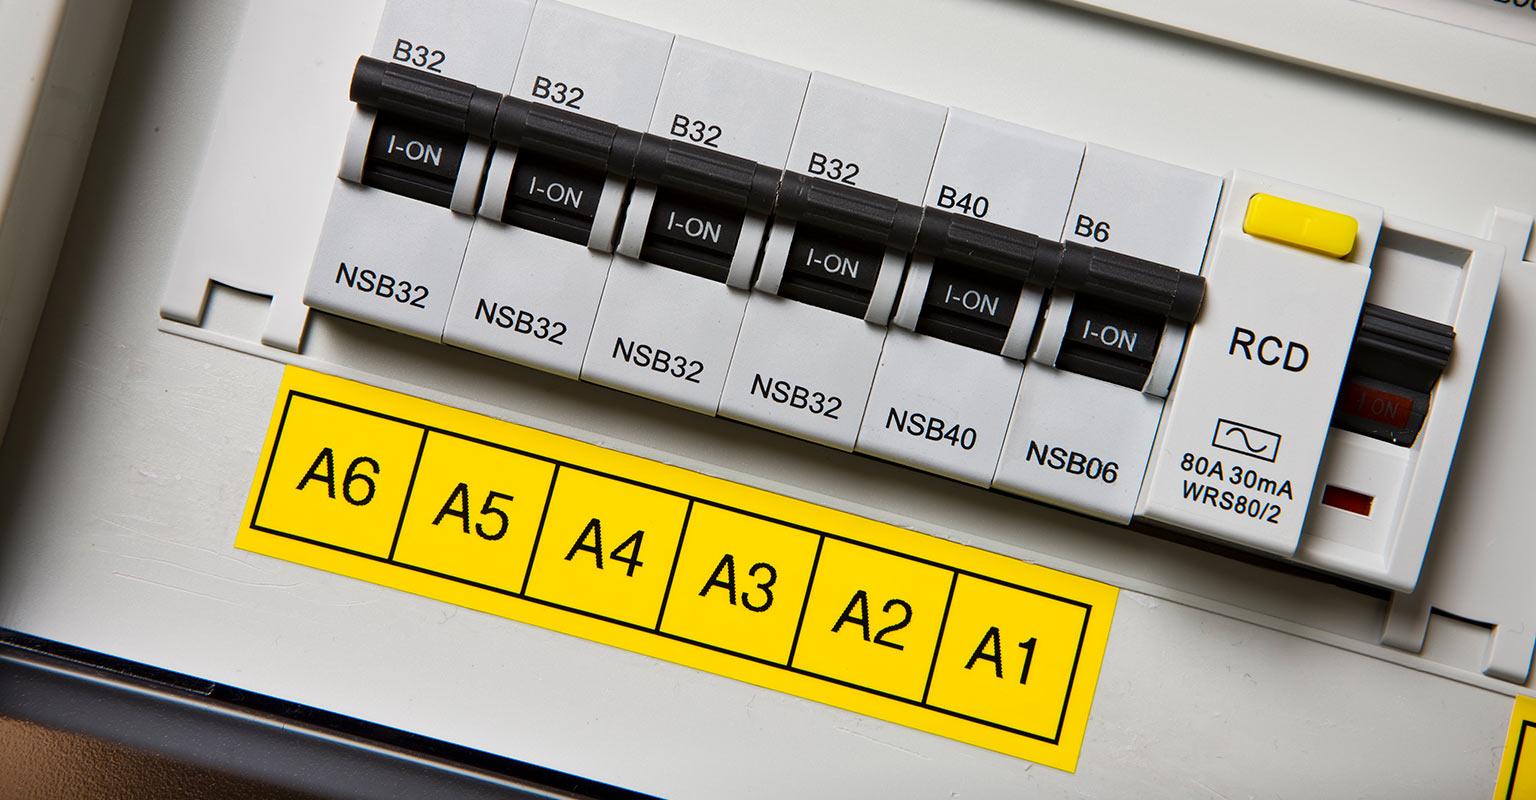 Etiqueta texto negro sobre fondo amarillo Brother en contadores eléctricos